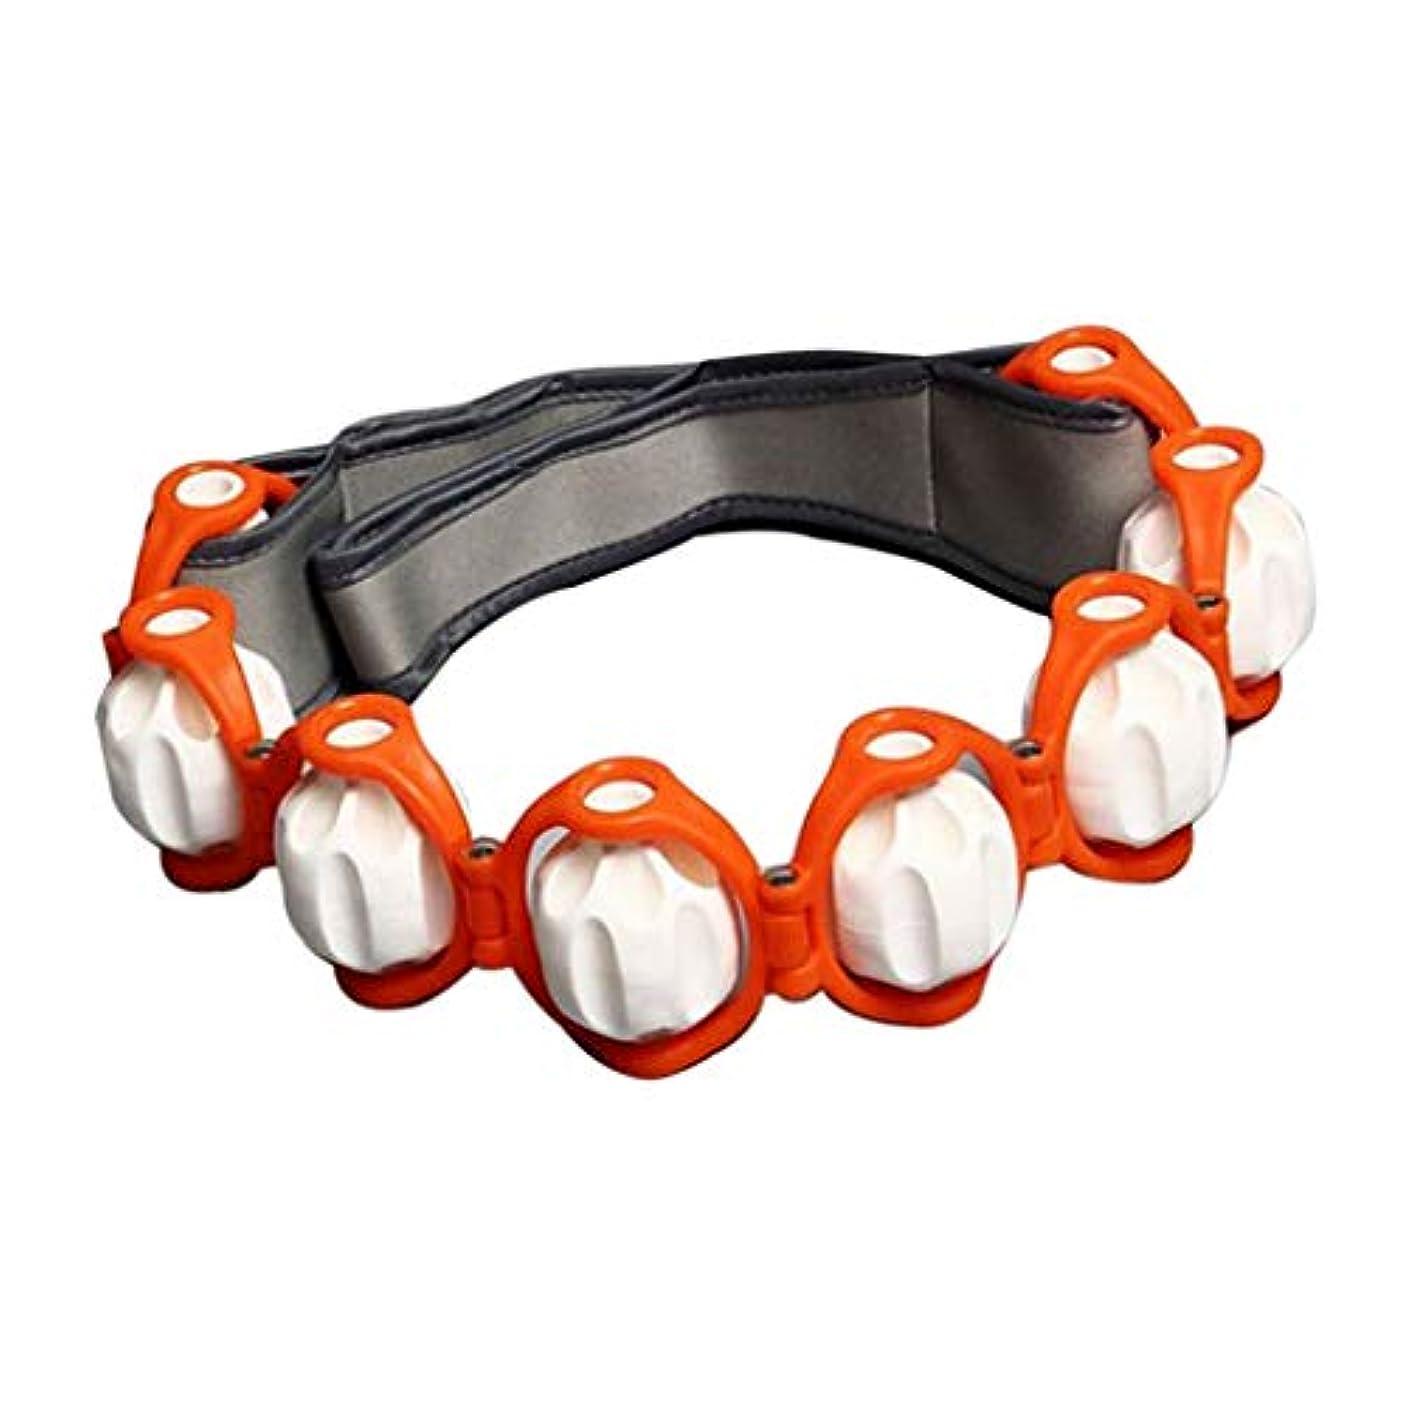 保持するマイク不十分なフルボディ - 多機能 - 痛みを軽減するためのハンドヘルドマッサージローラーロープ - オレンジ, 説明したように